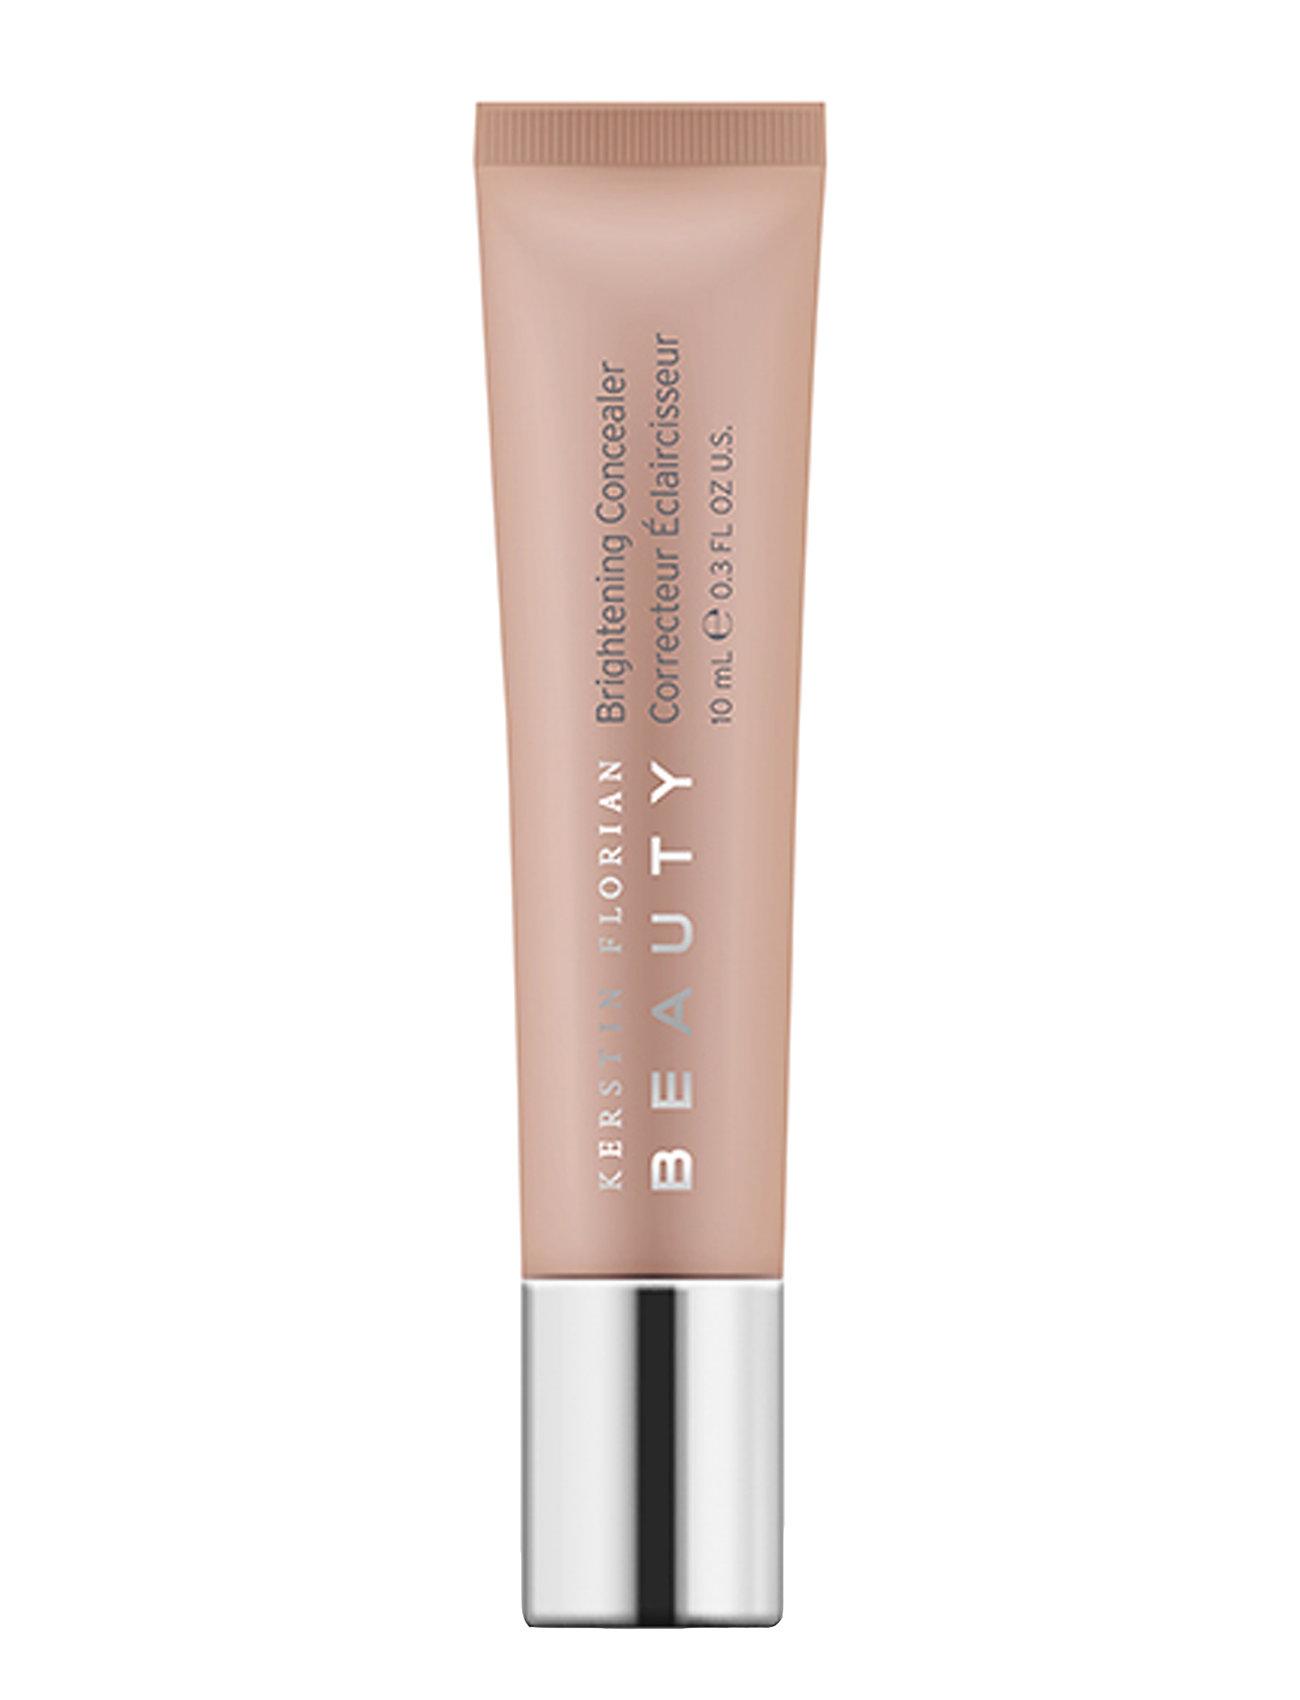 Image of Brightening Concealer Concealer Makeup KERSTIN FLORIAN (3077236787)